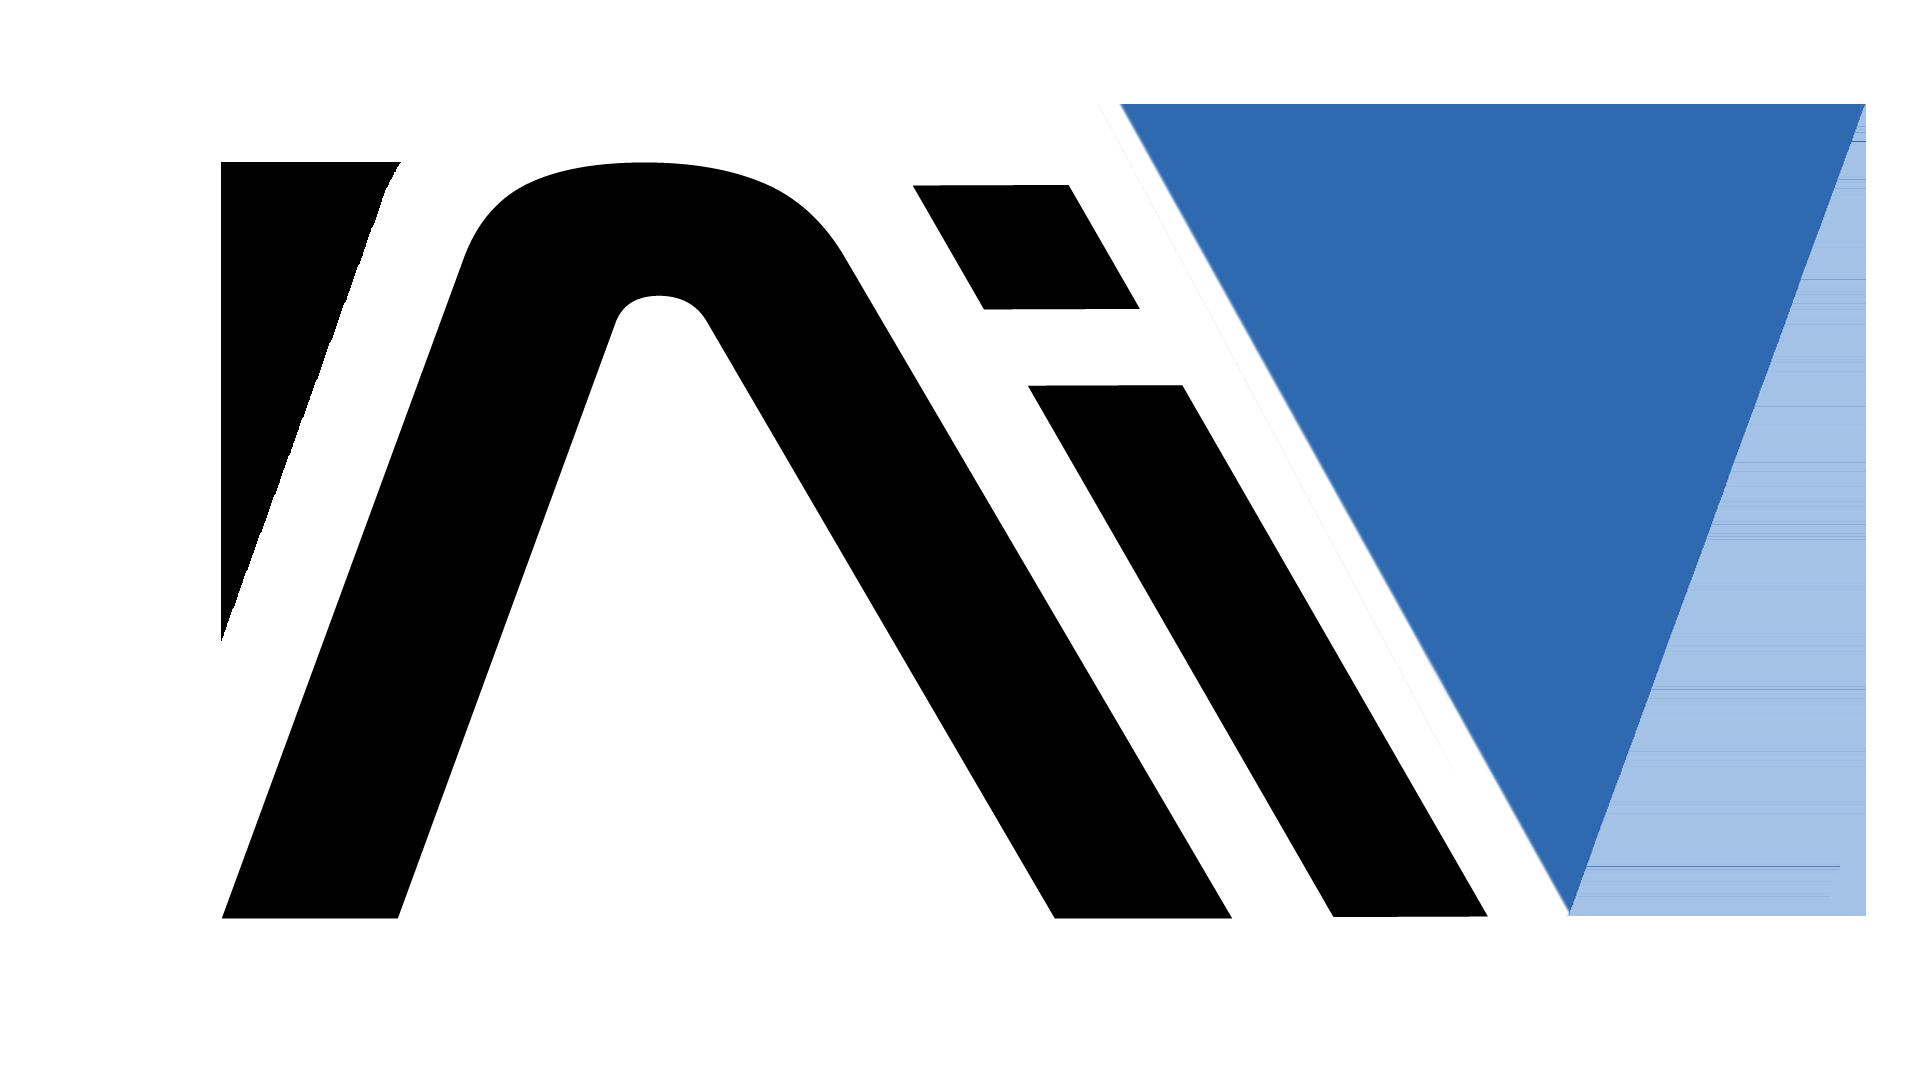 Andromeda Initiative Mass Effect Andromeda Symbol 1332482